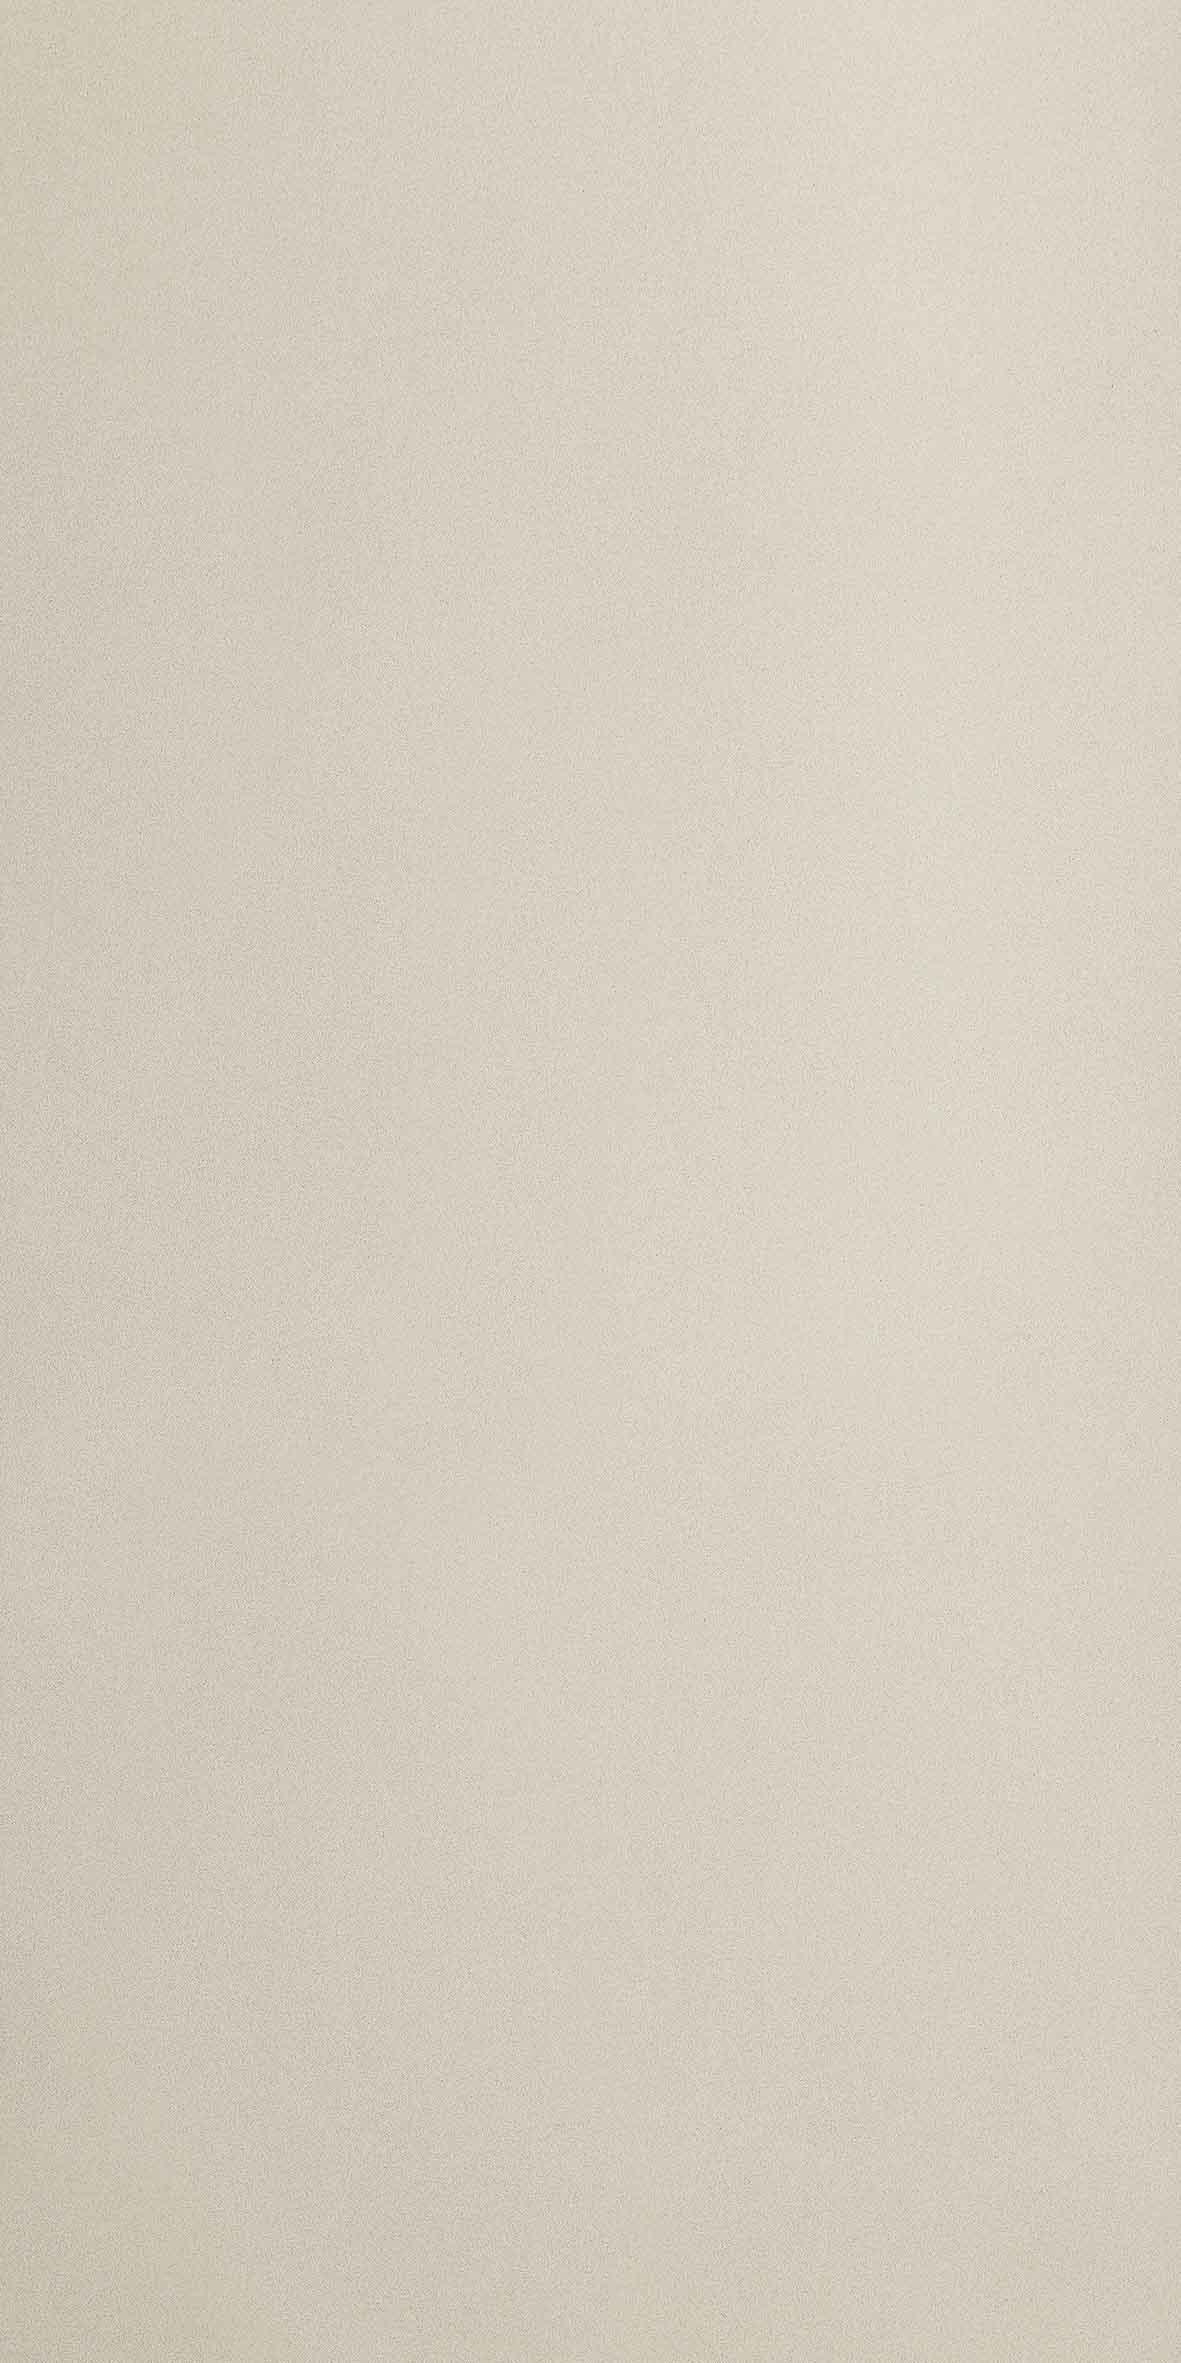 Buildtech 2.0 TU White Matte 10mm 60 x 120